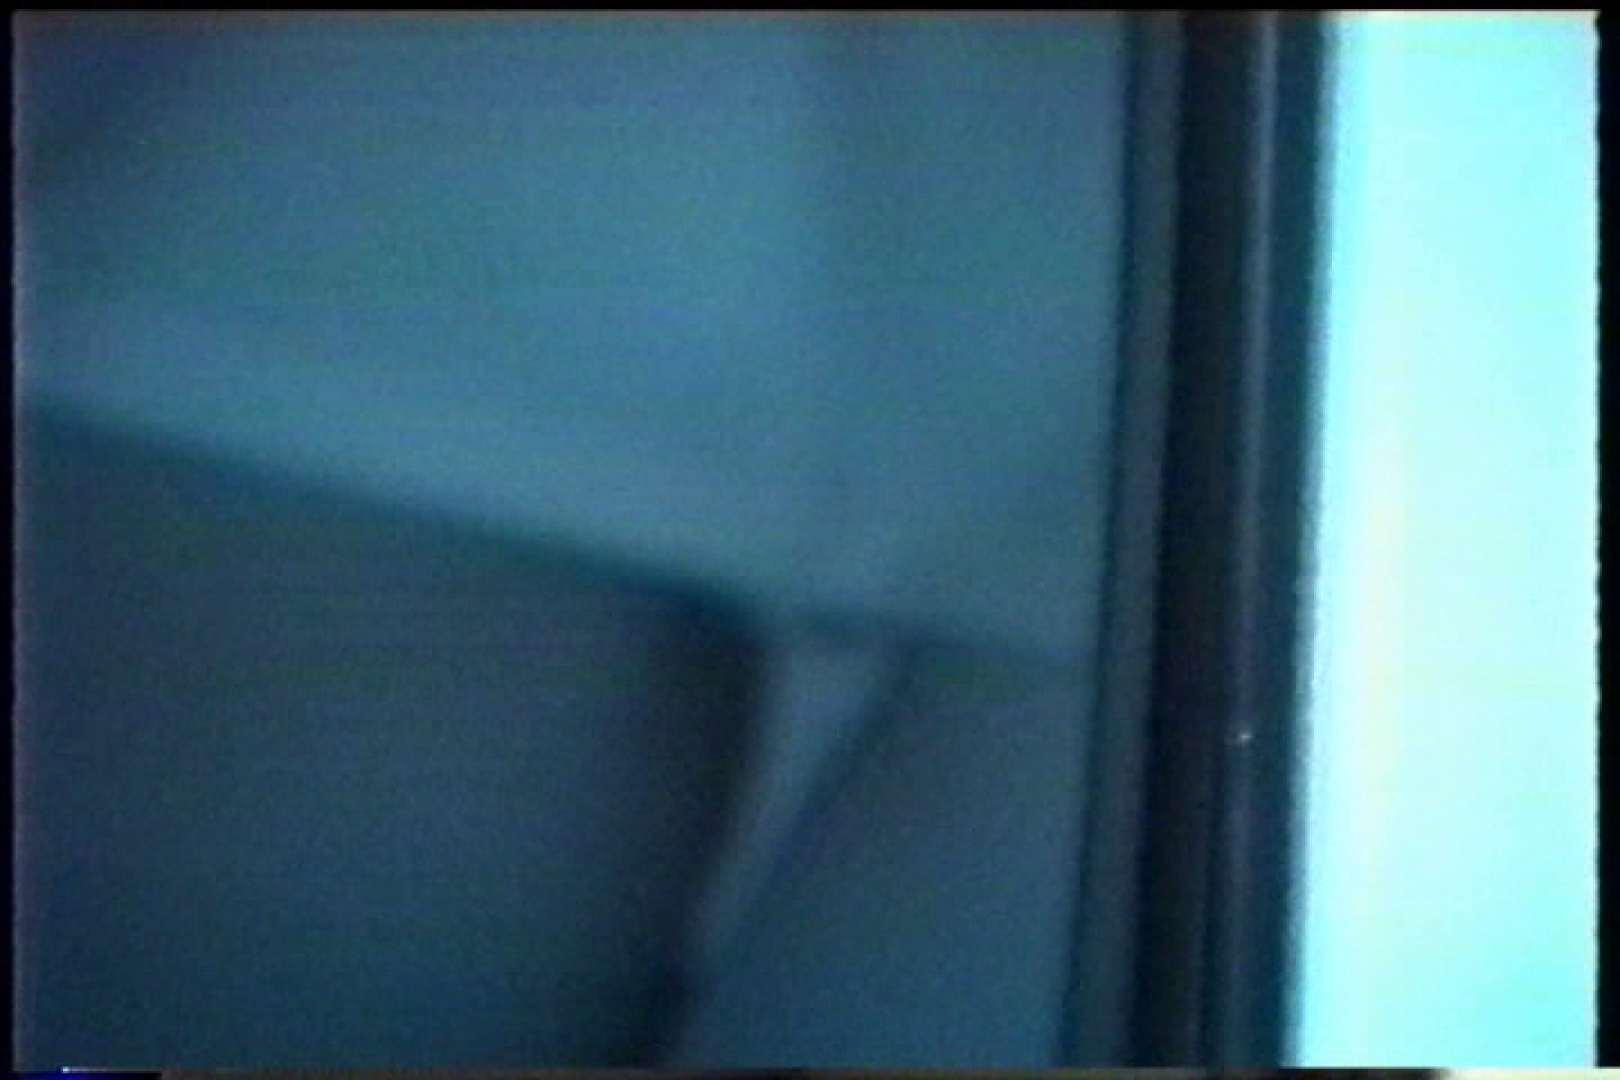 充血監督の深夜の運動会Vol.207 美しいOLの裸体 ヌード画像 99pic 6